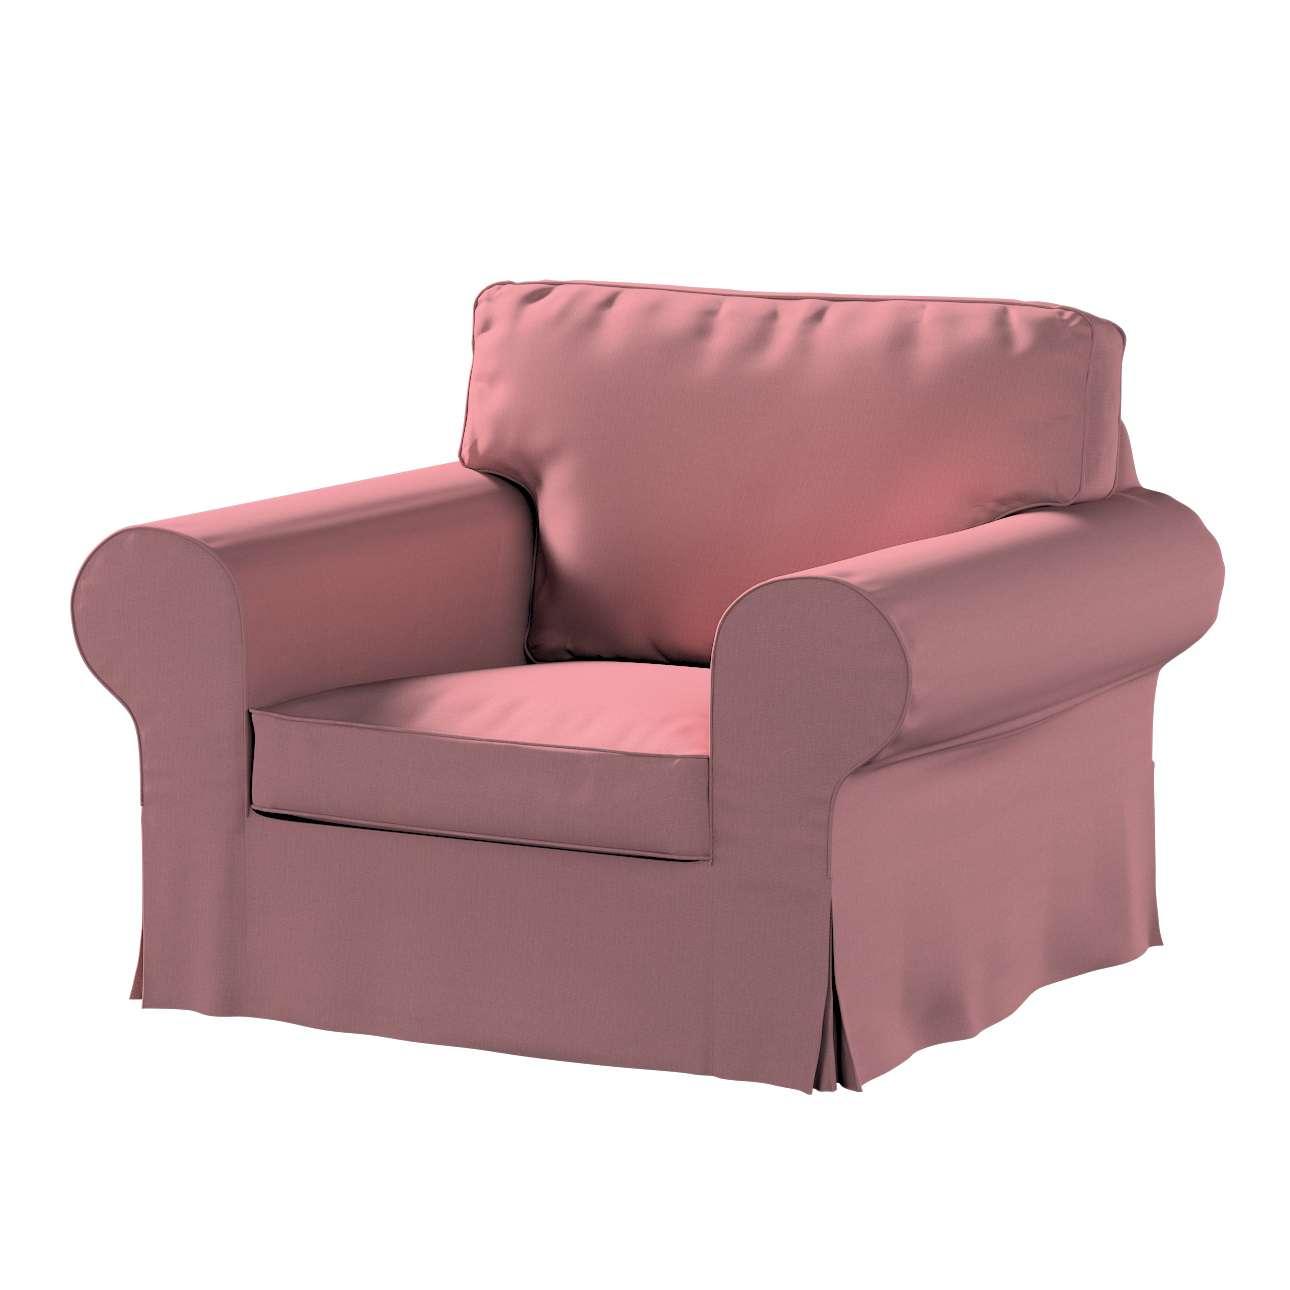 Pokrowiec na fotel Ektorp w kolekcji Cotton Panama, tkanina: 702-43